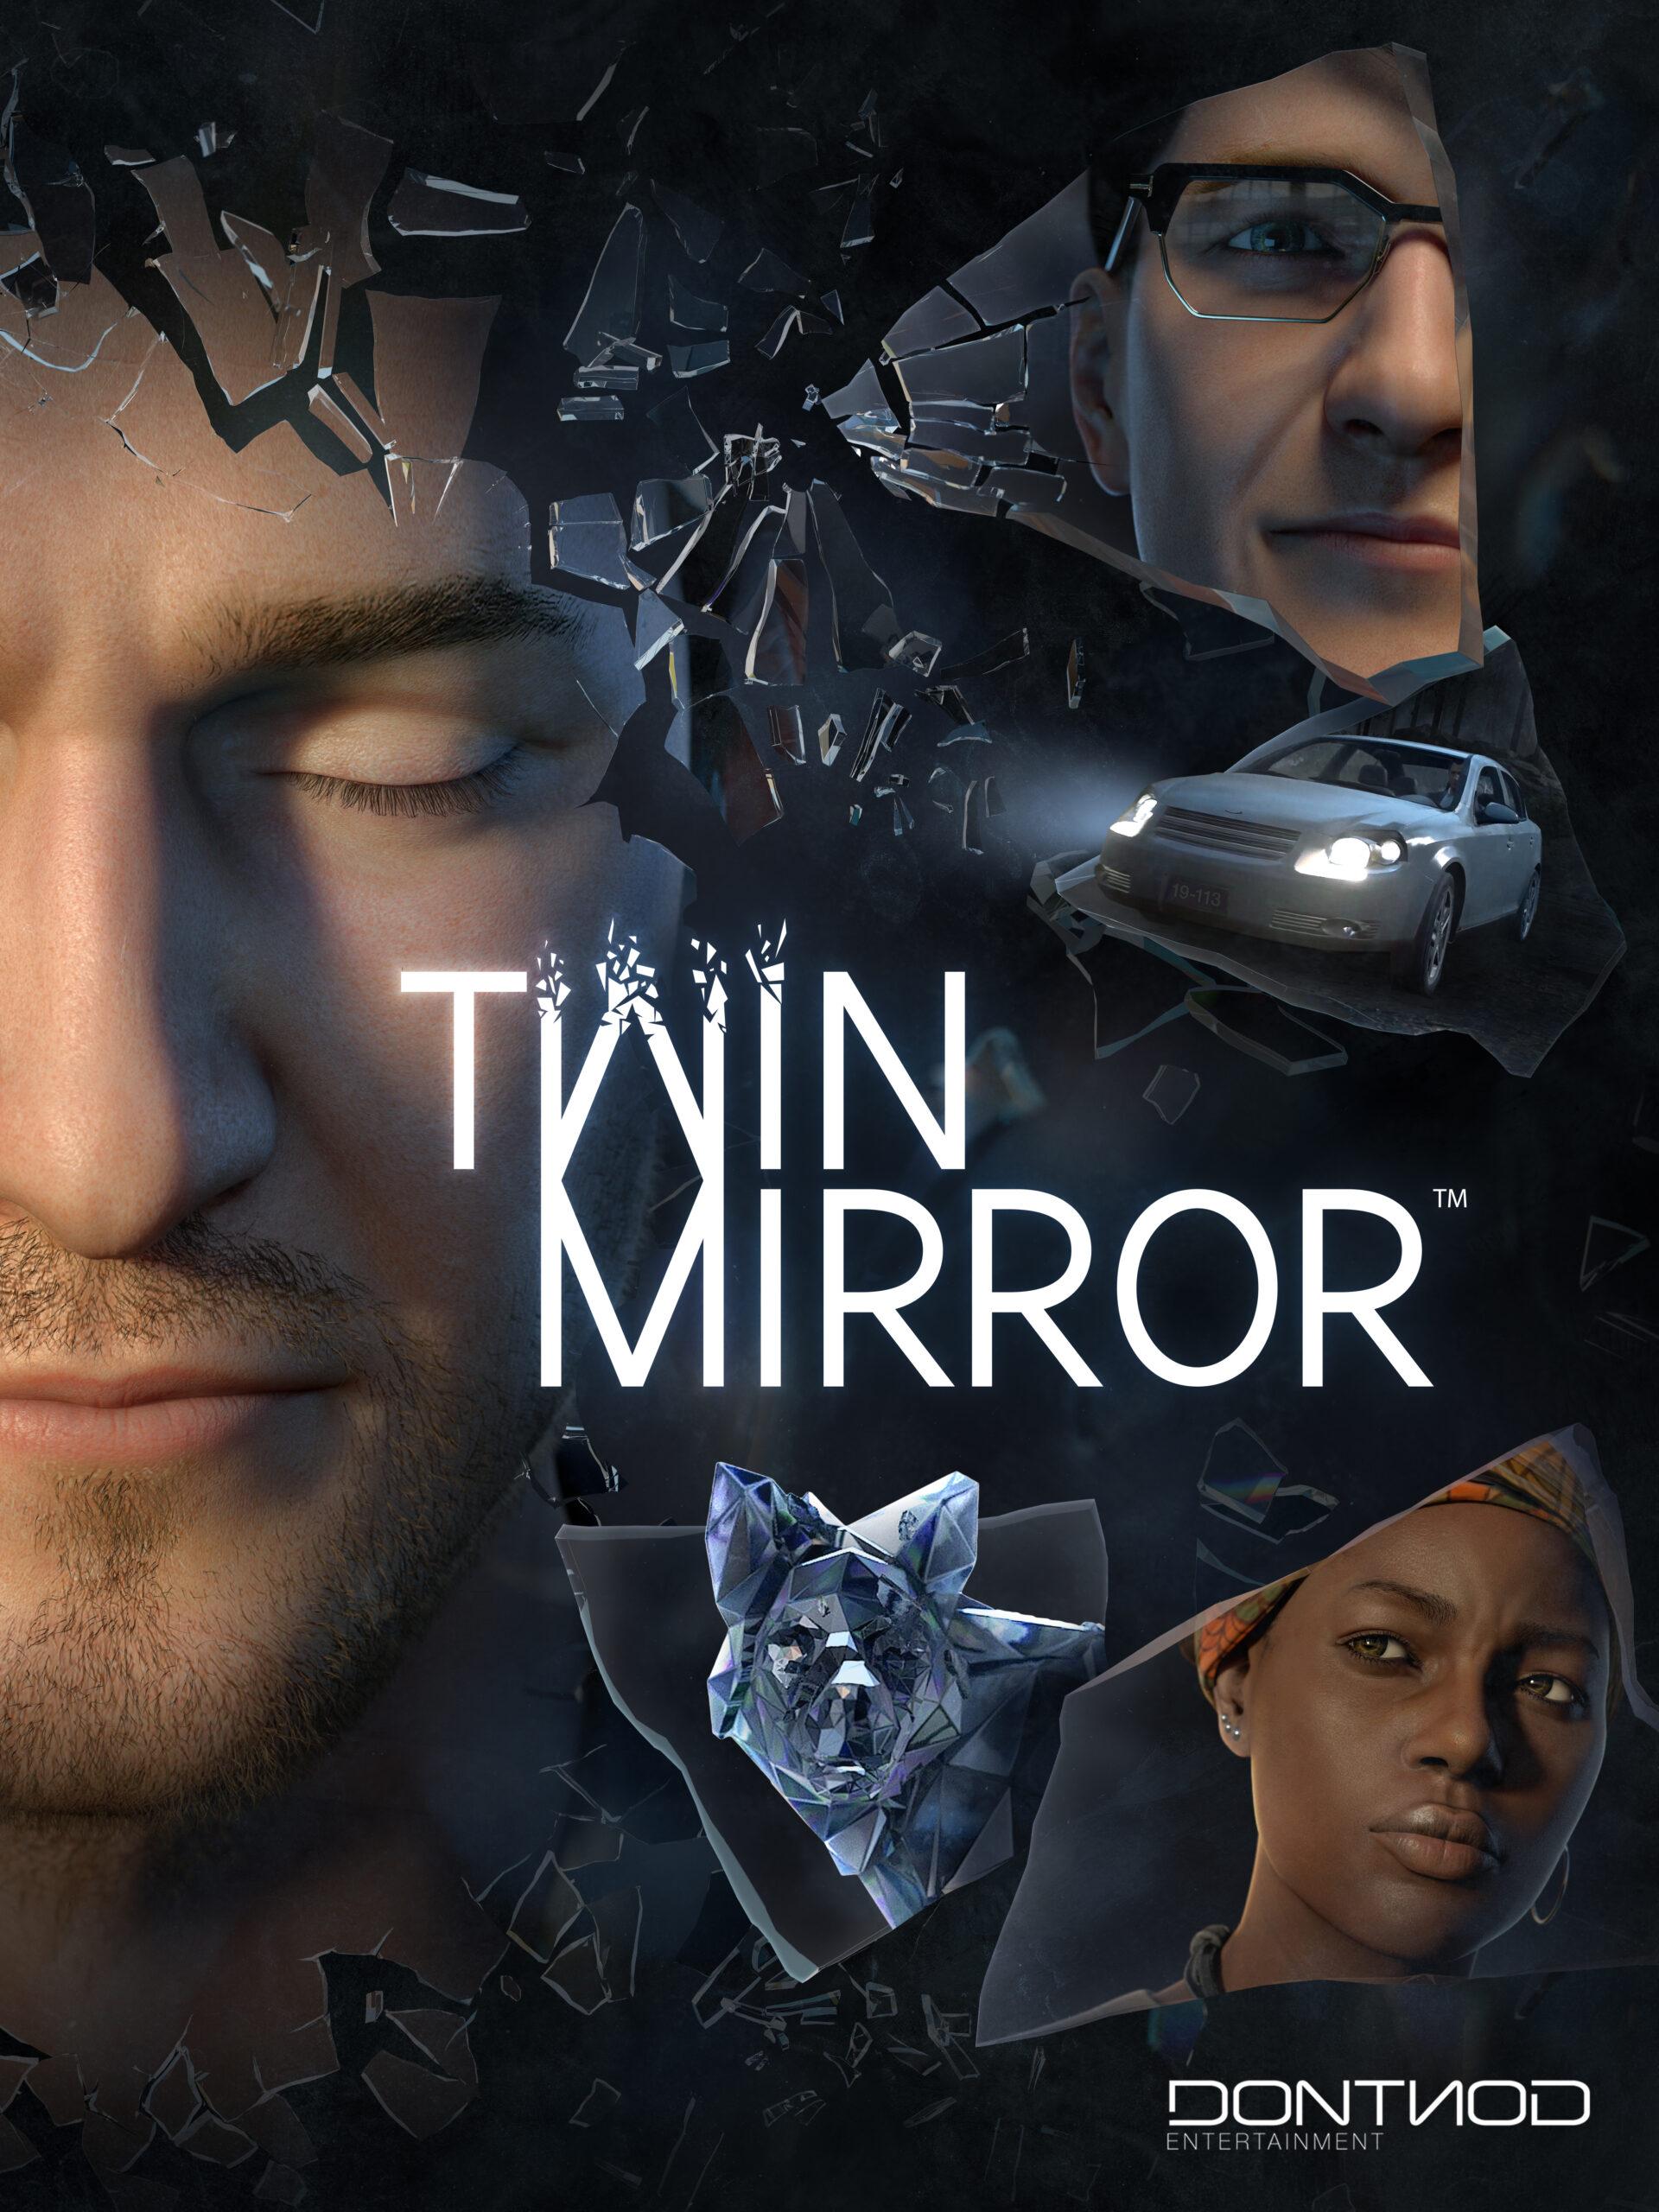 Twin-Mirror_2020_06-13-20_004